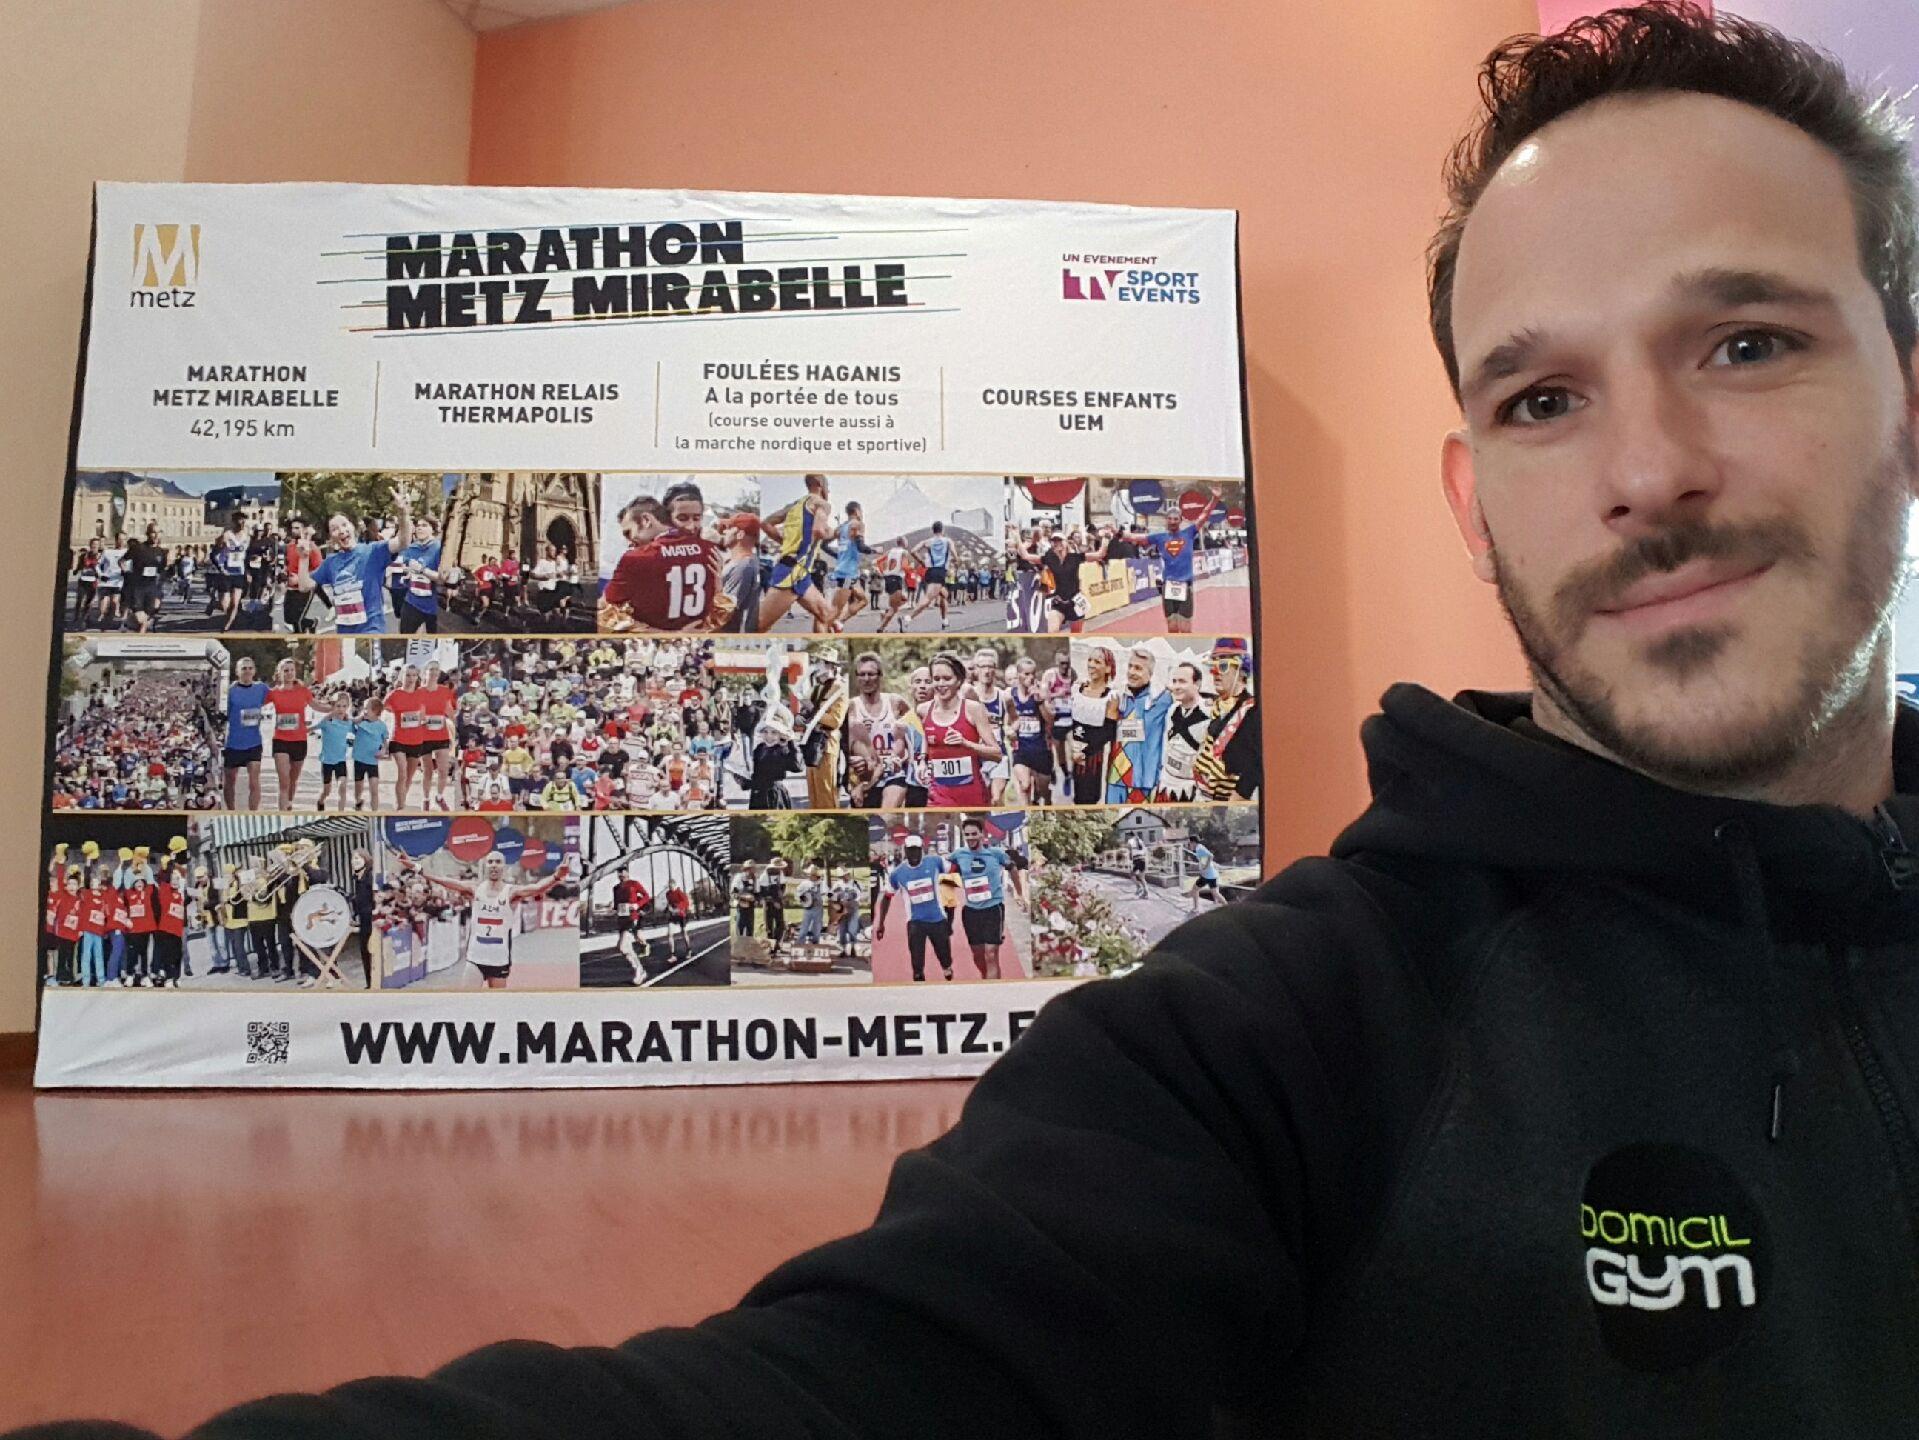 Domicil'Gym partenaire du Marathon de Metz 2016!